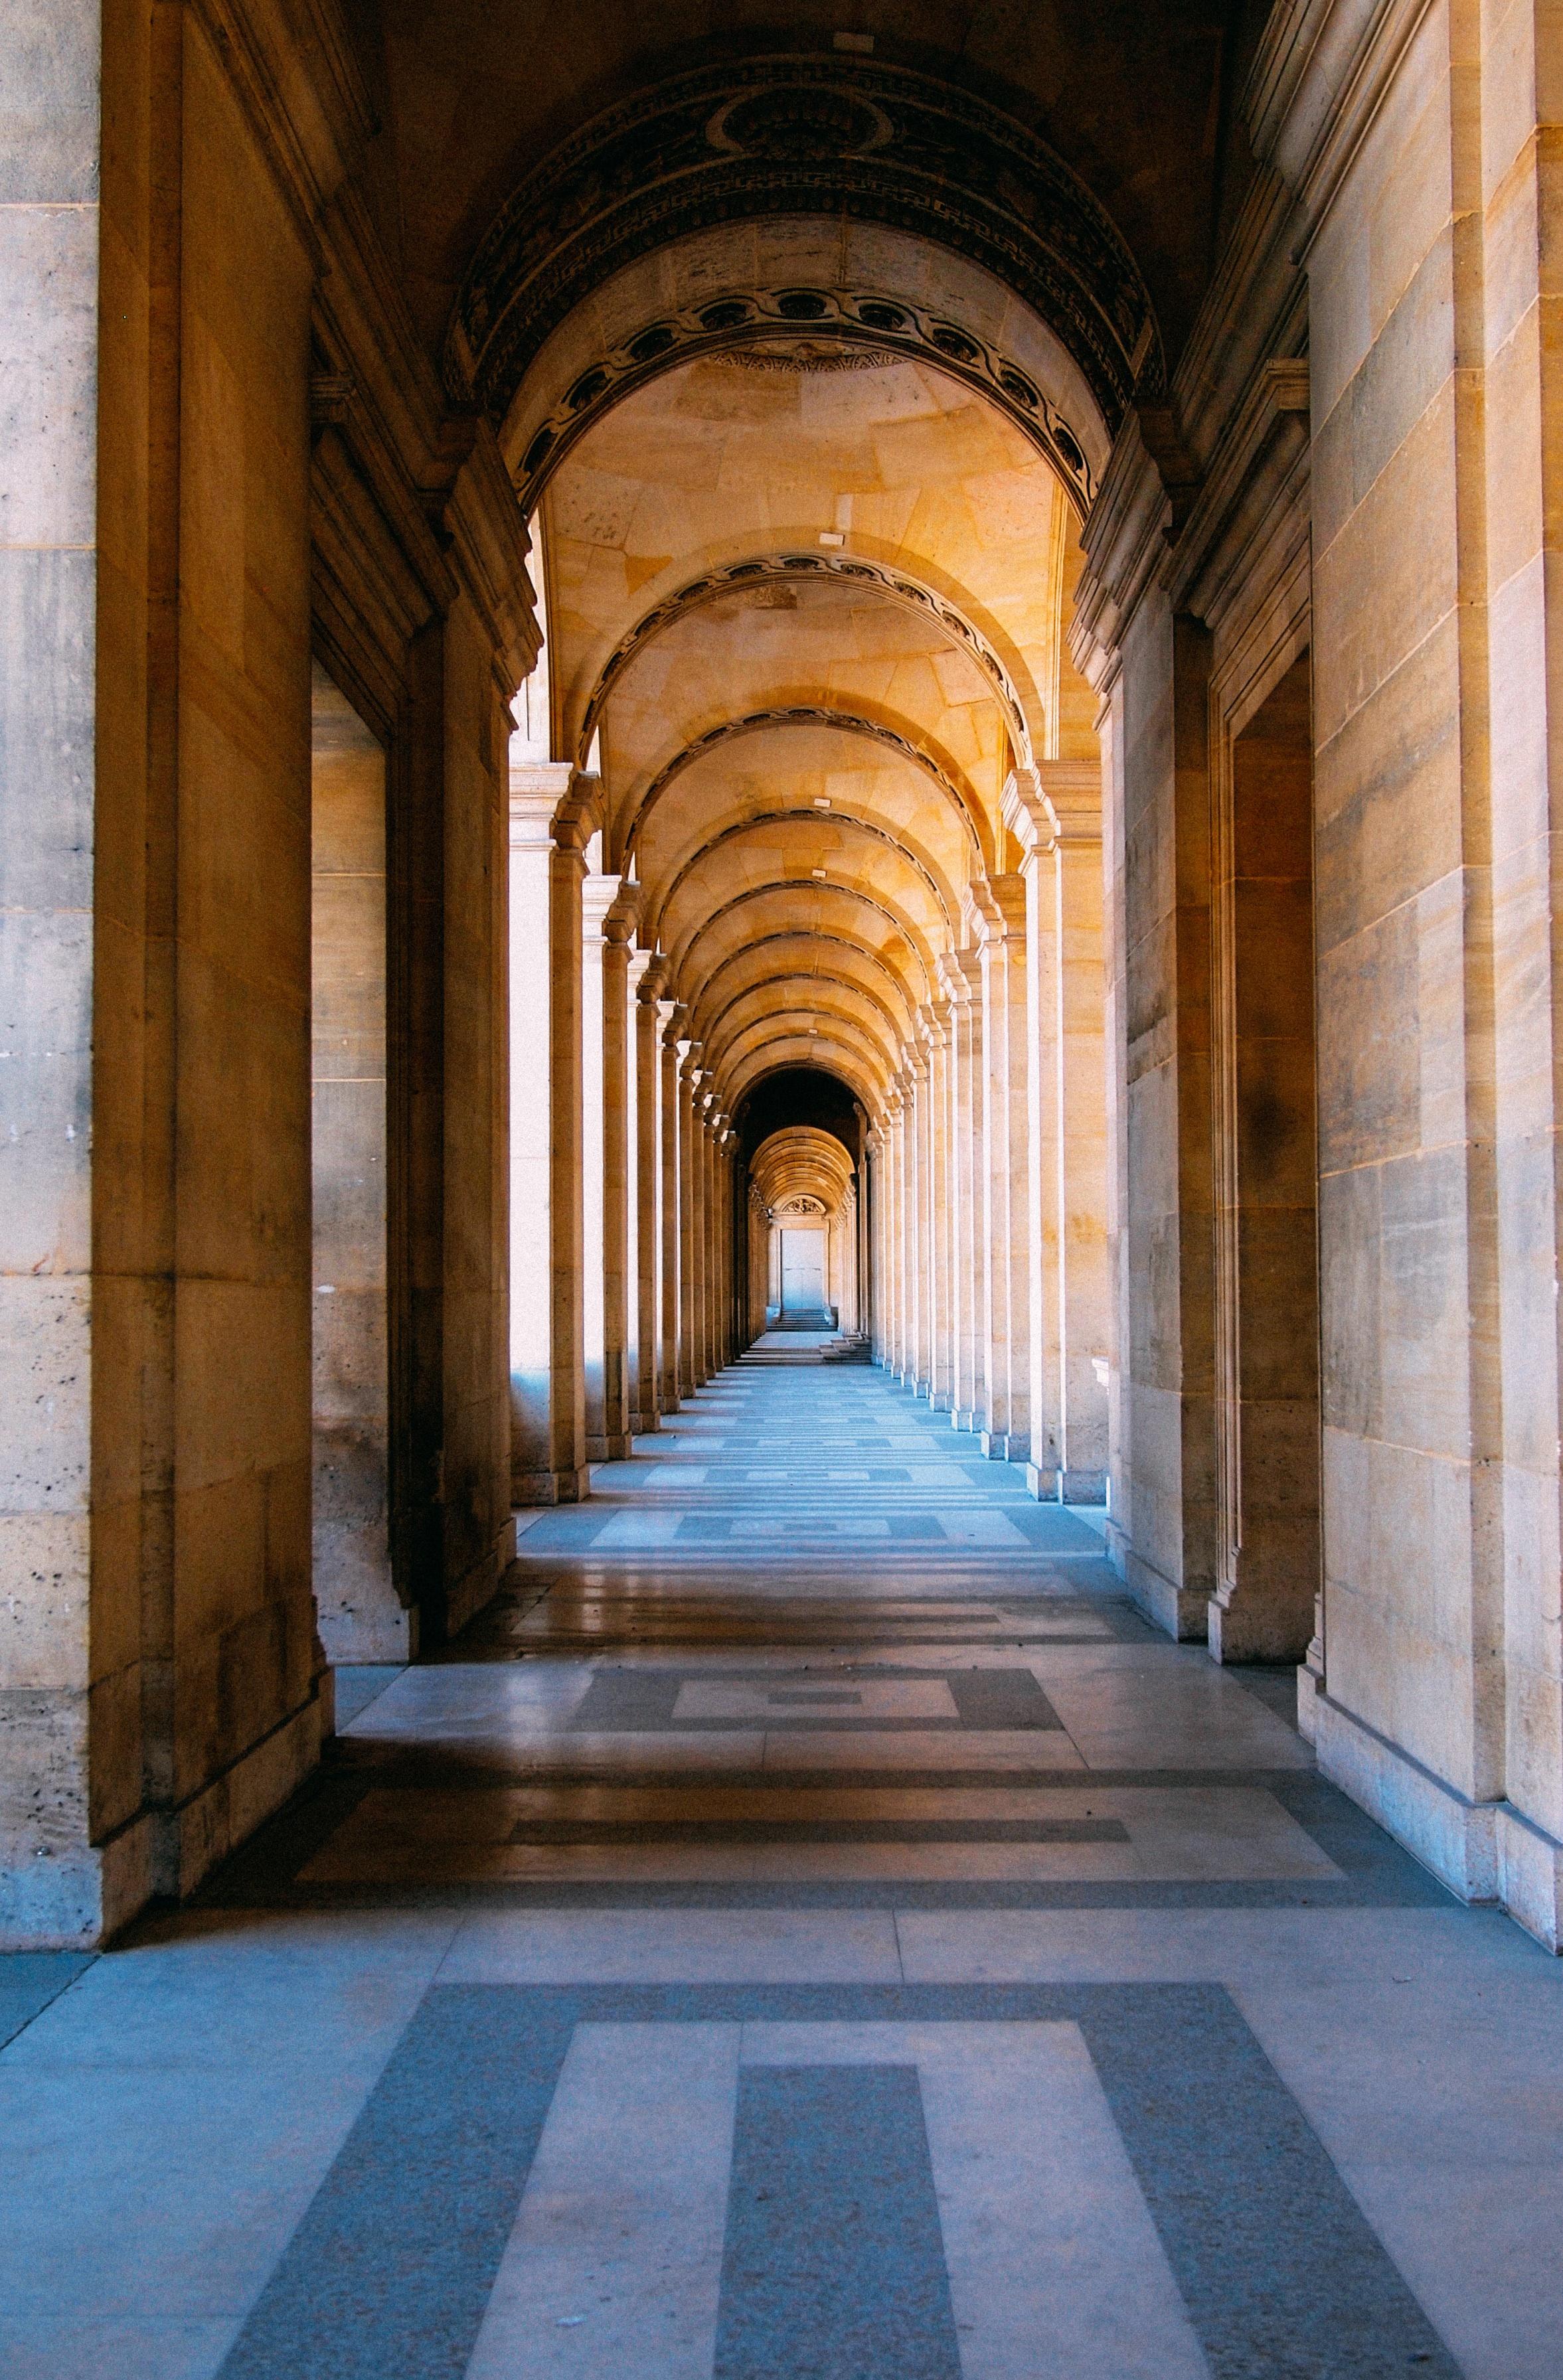 Immagini belle architettura costruzione vecchio for Kit di costruzione portico